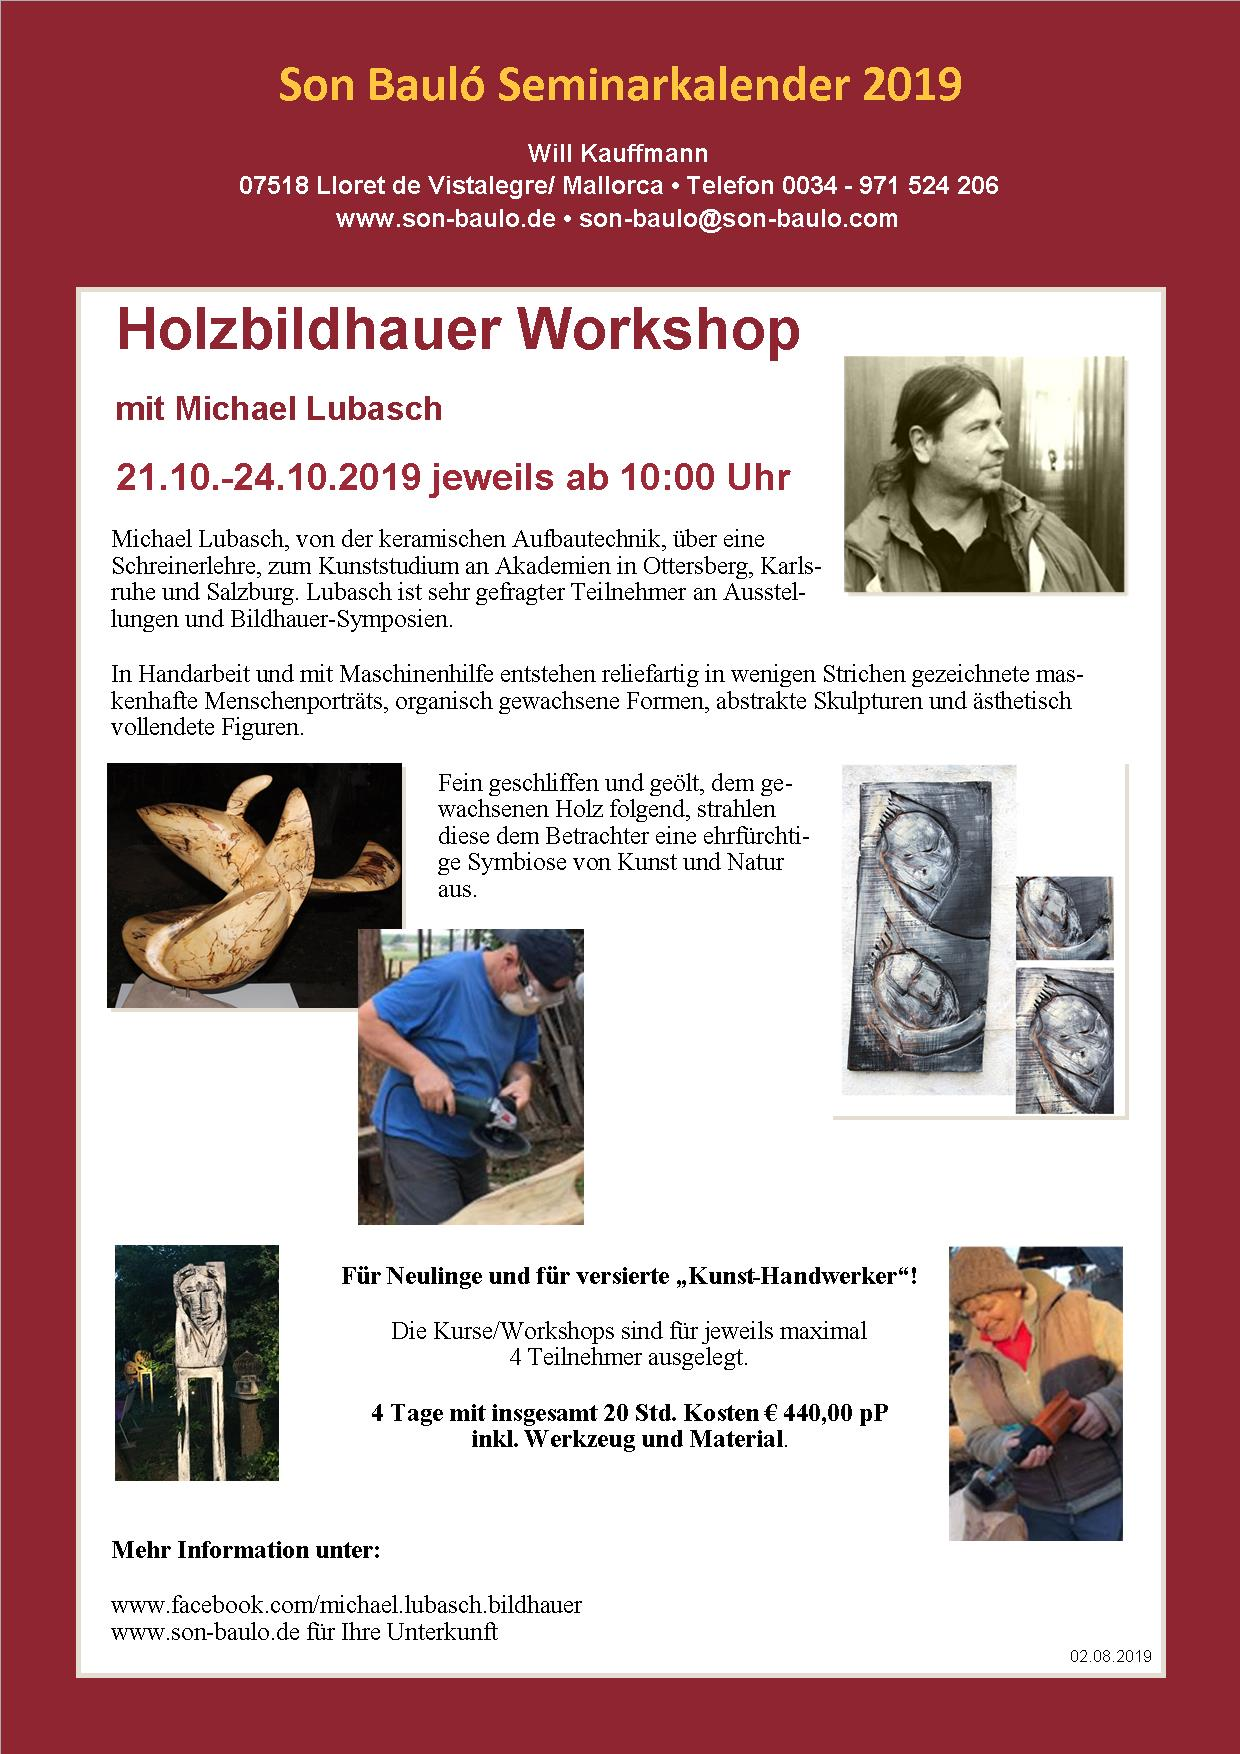 Michael Lubasch, Holzbildhauer Workshop 01.10.-24.10.